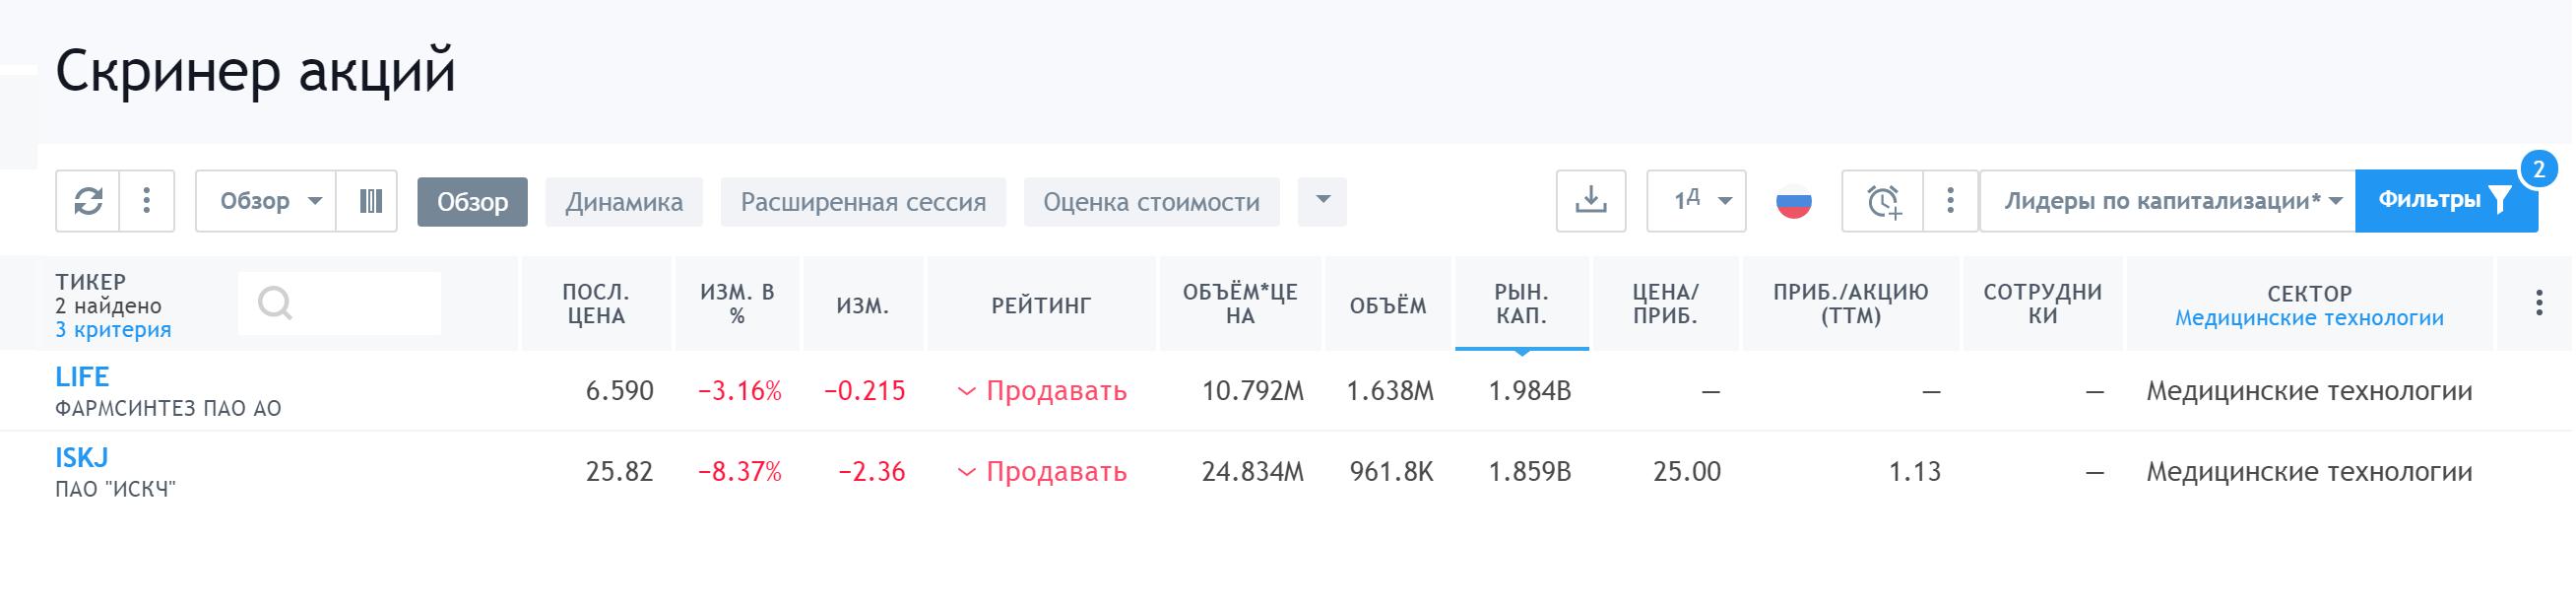 Список российских компаний, относящихся к биотеху, наTradingview